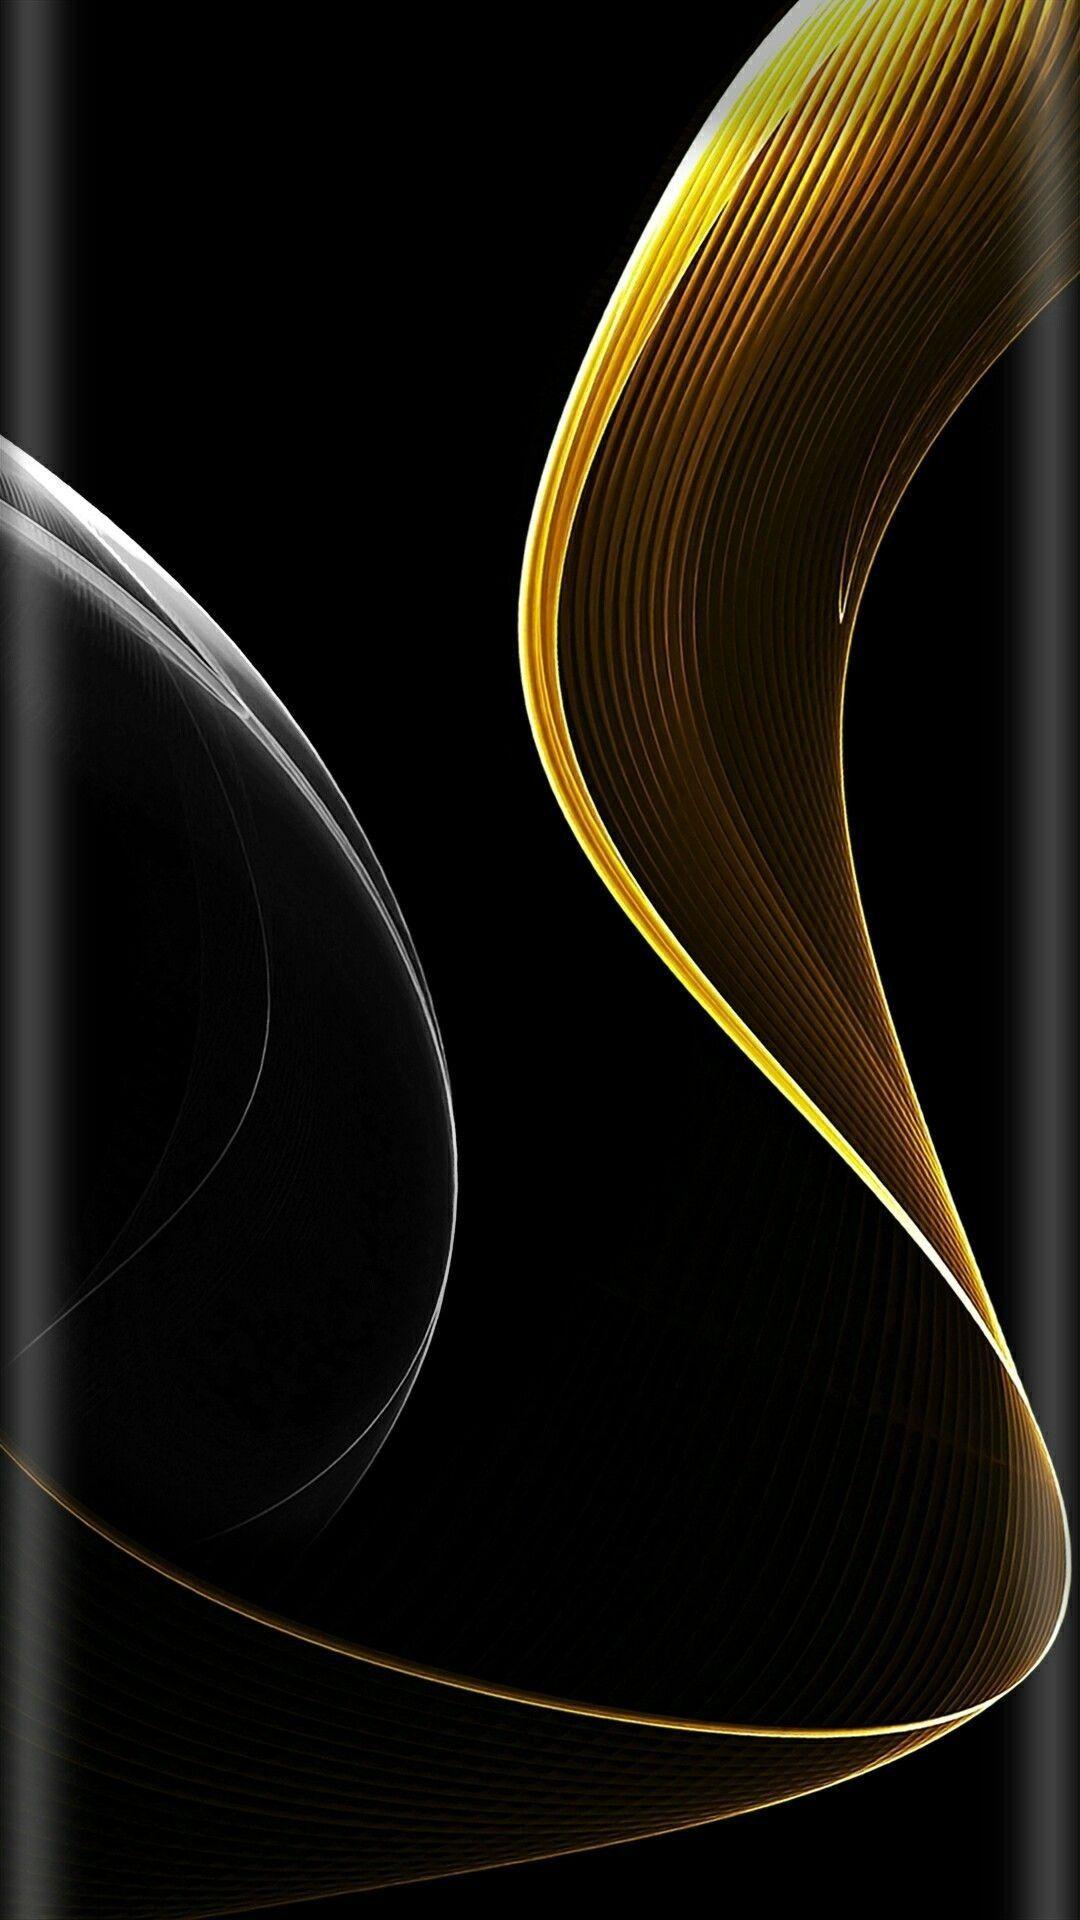 Papier 1 (с изображениями) Абстрактный стиль, Золотистые